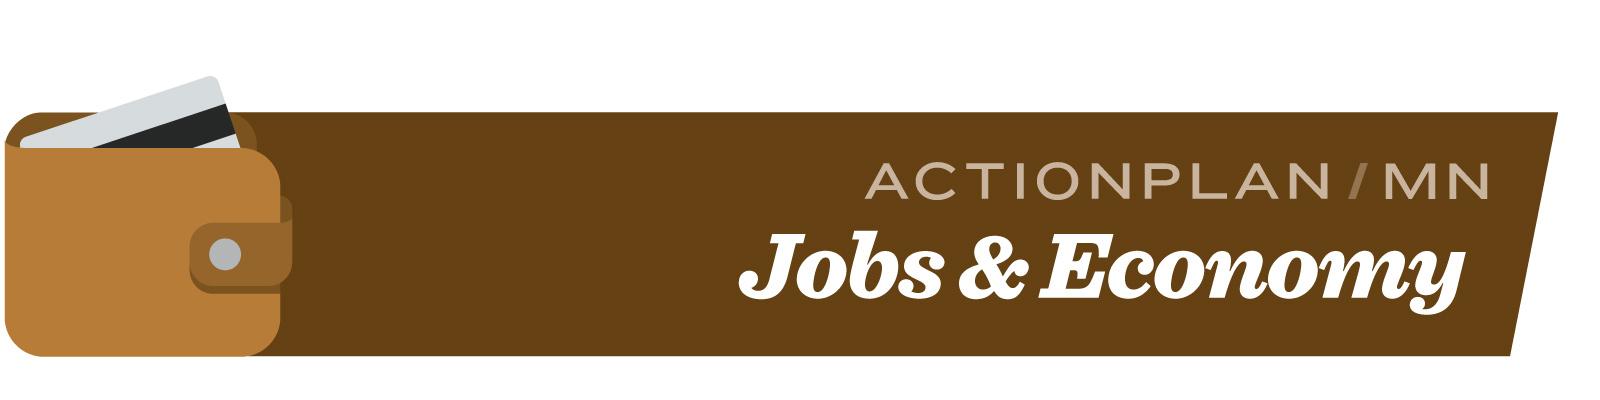 ActionPlanMN-3-Jobs-Economy.jpg